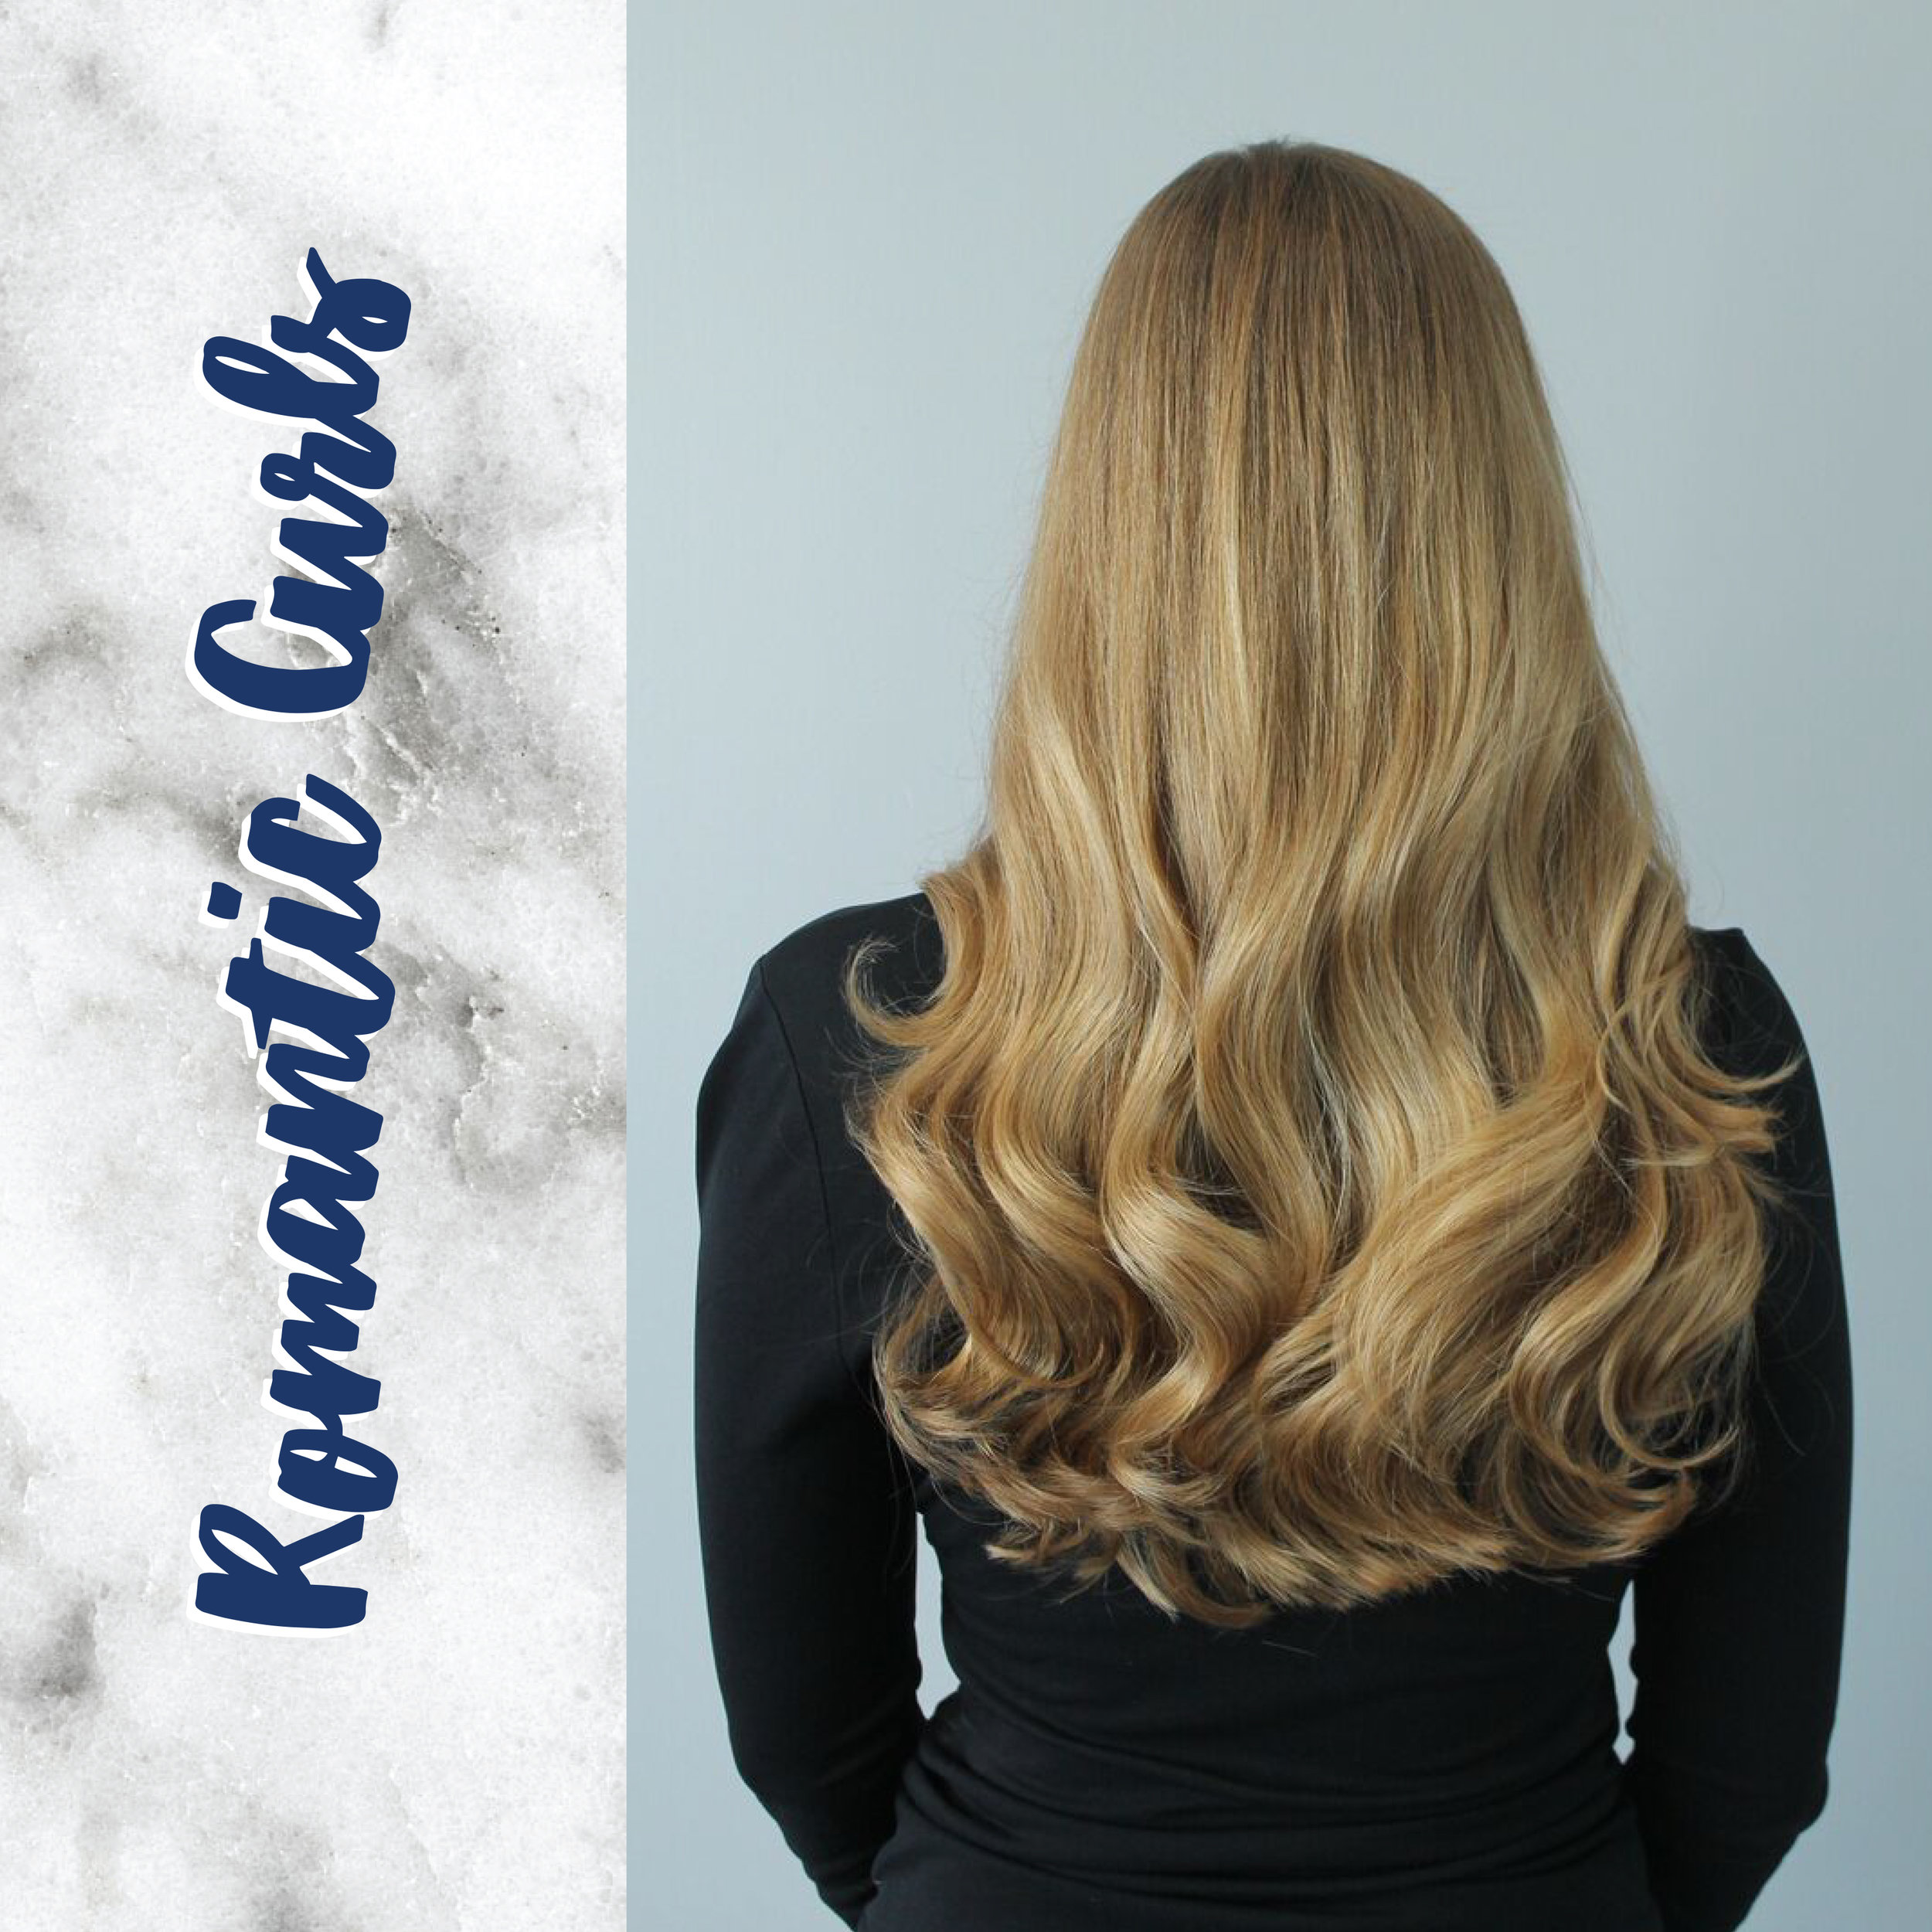 romatic curls art 1.jpg